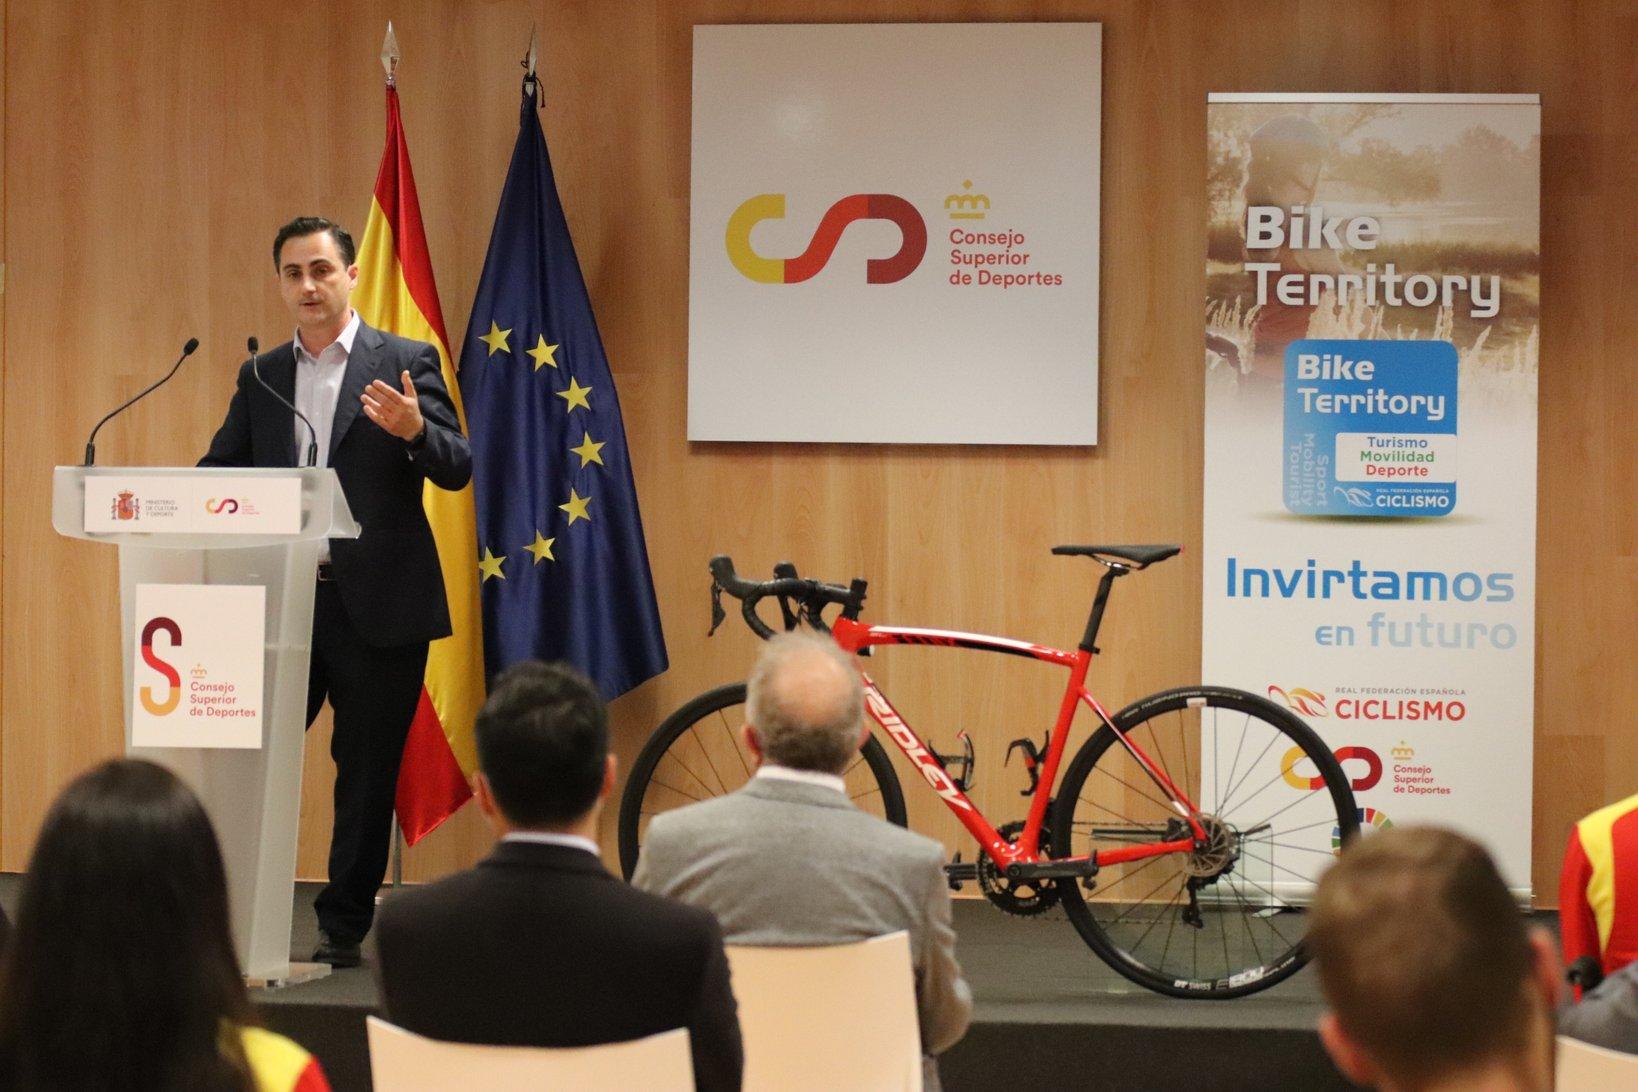 La RFEC, junto a la Federación Andaluza de Ciclismo, presenta el proyecto Bike Territory